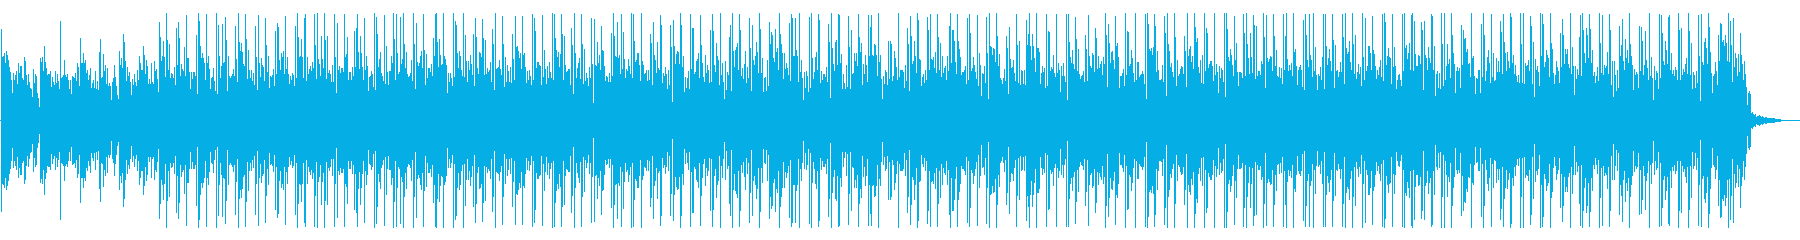 サイバー・電子的で落ち着いた雰囲気の曲の再生済みの波形